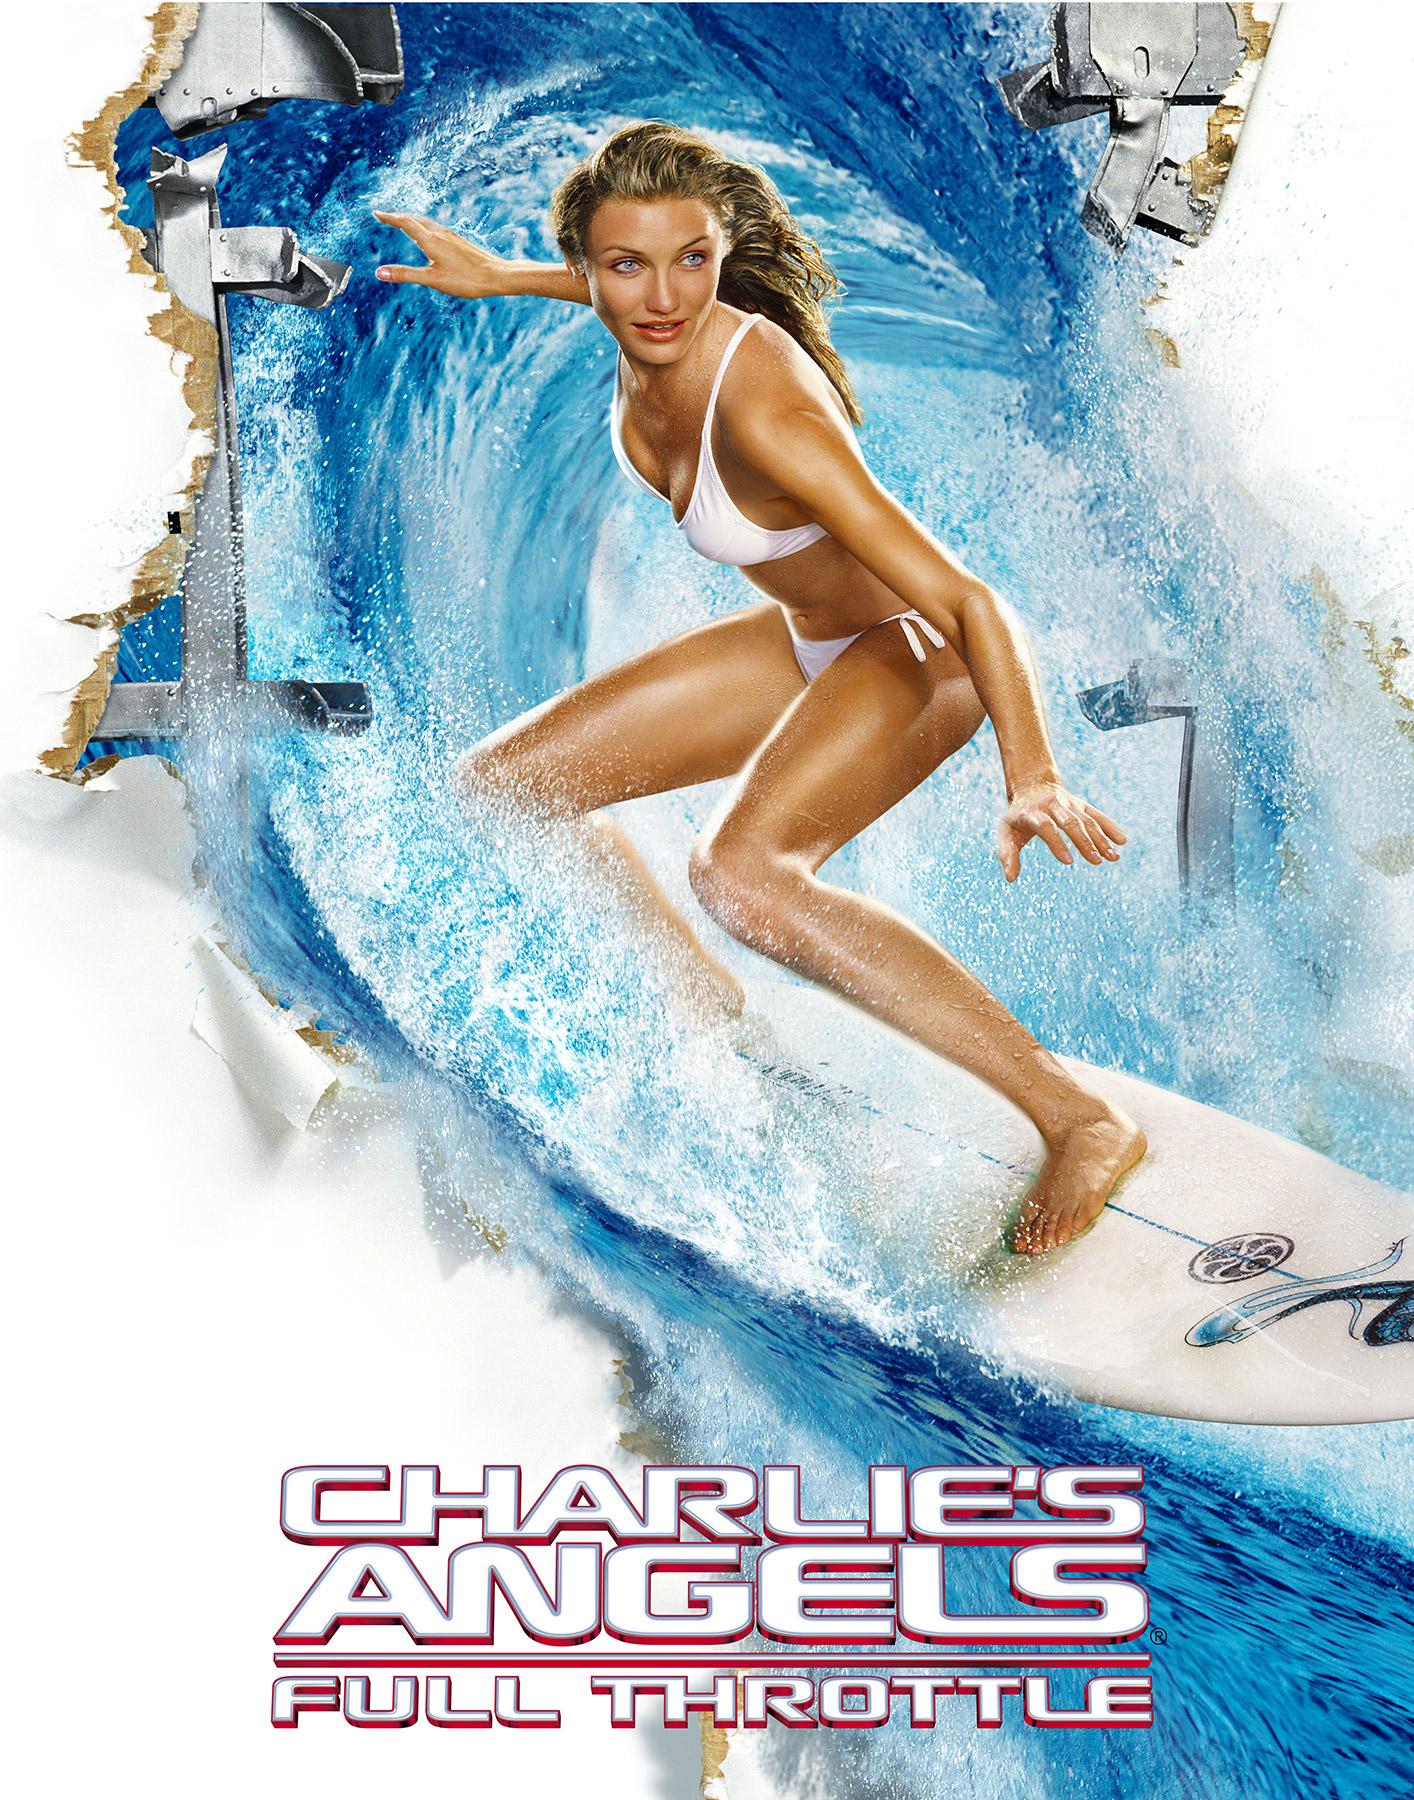 Charlie's Angels Full Throttle Poster